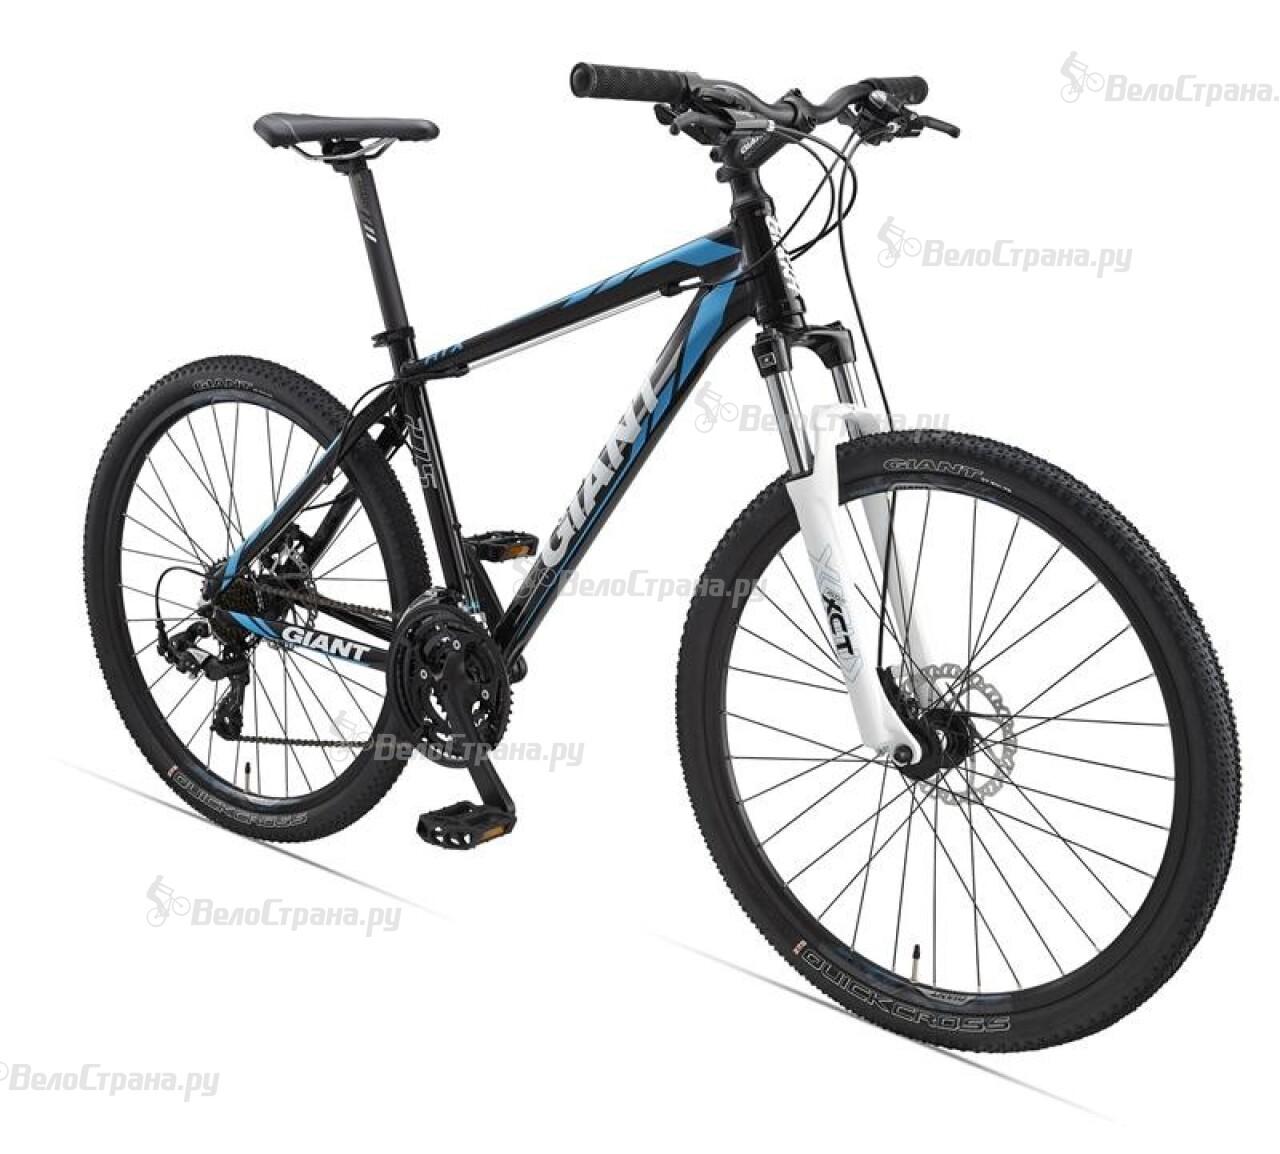 Велосипед Giant ATX 27.5 2 (2015)